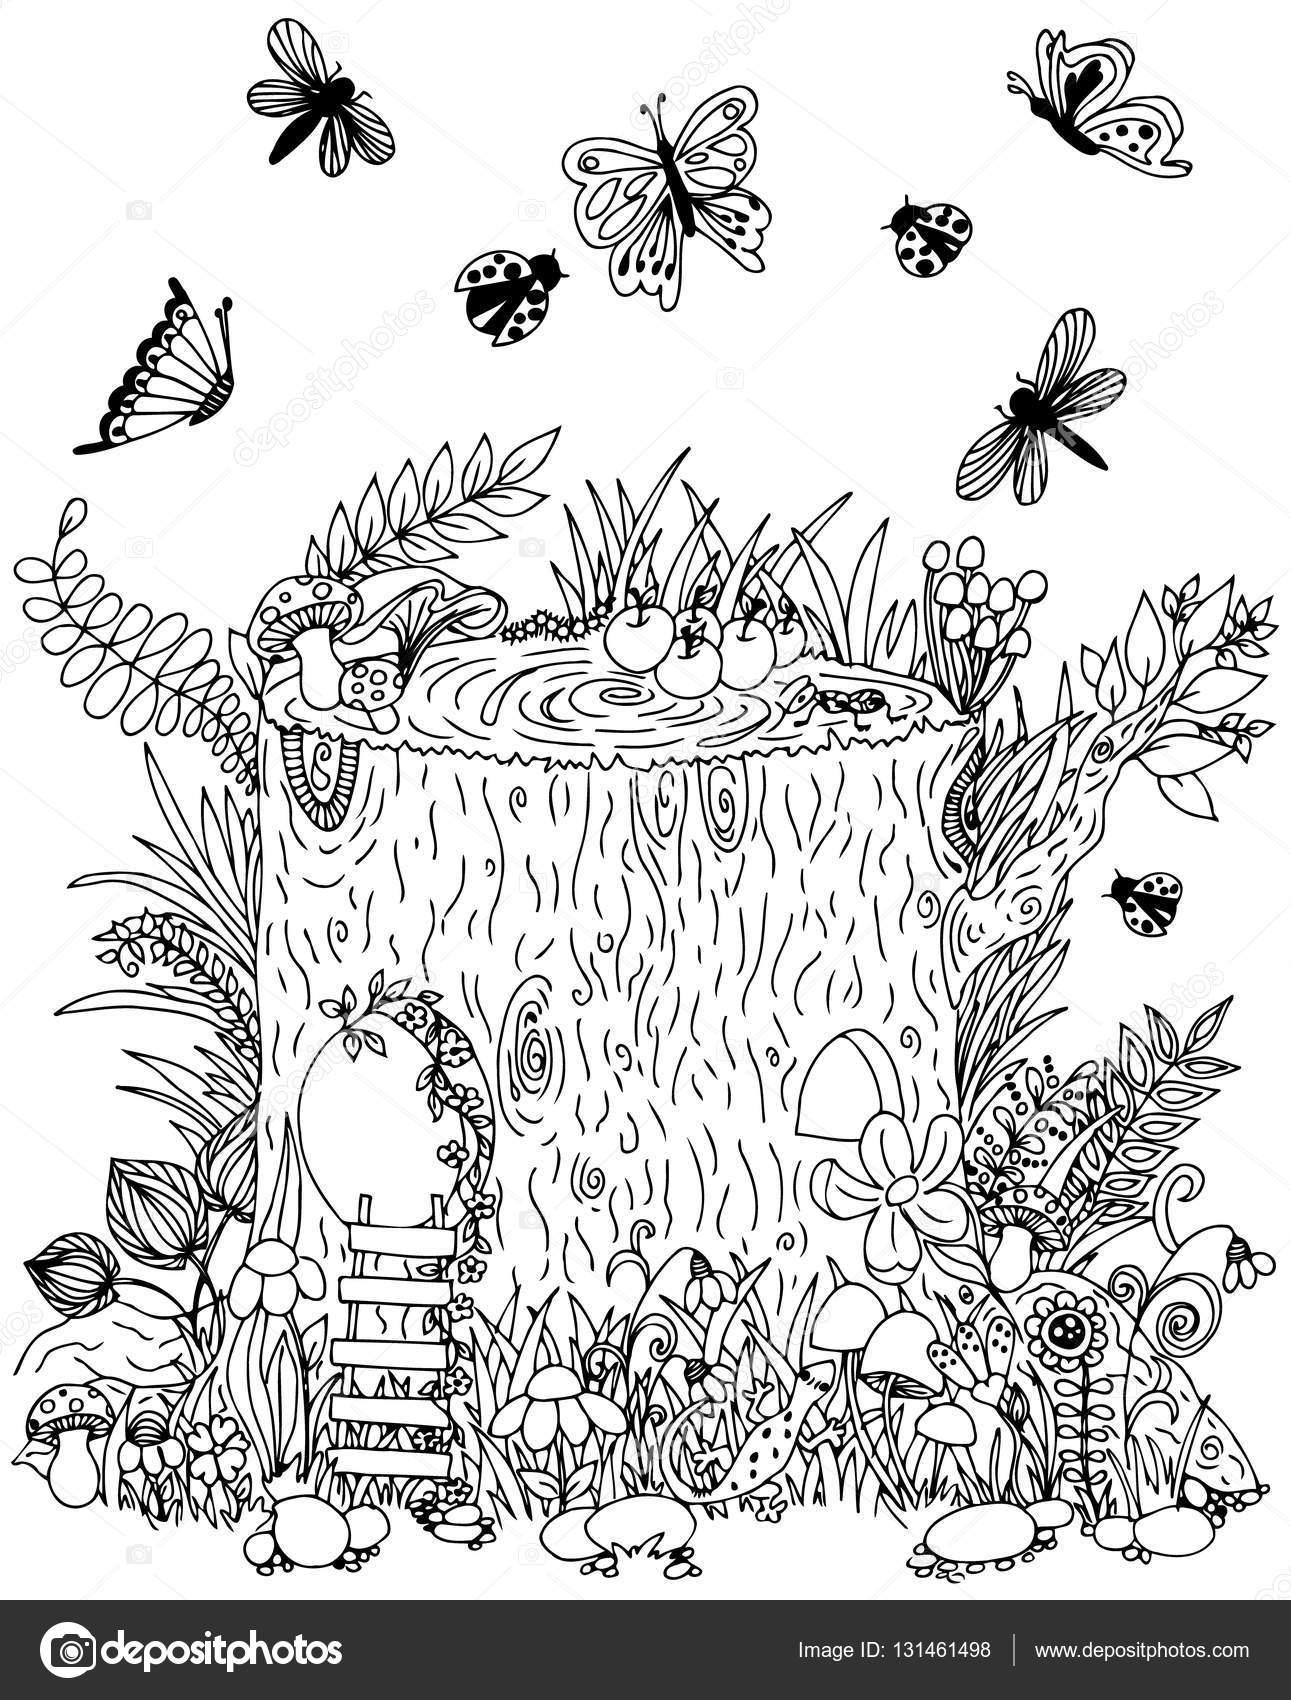 fairy stump with door butterflies vector illustration doodle